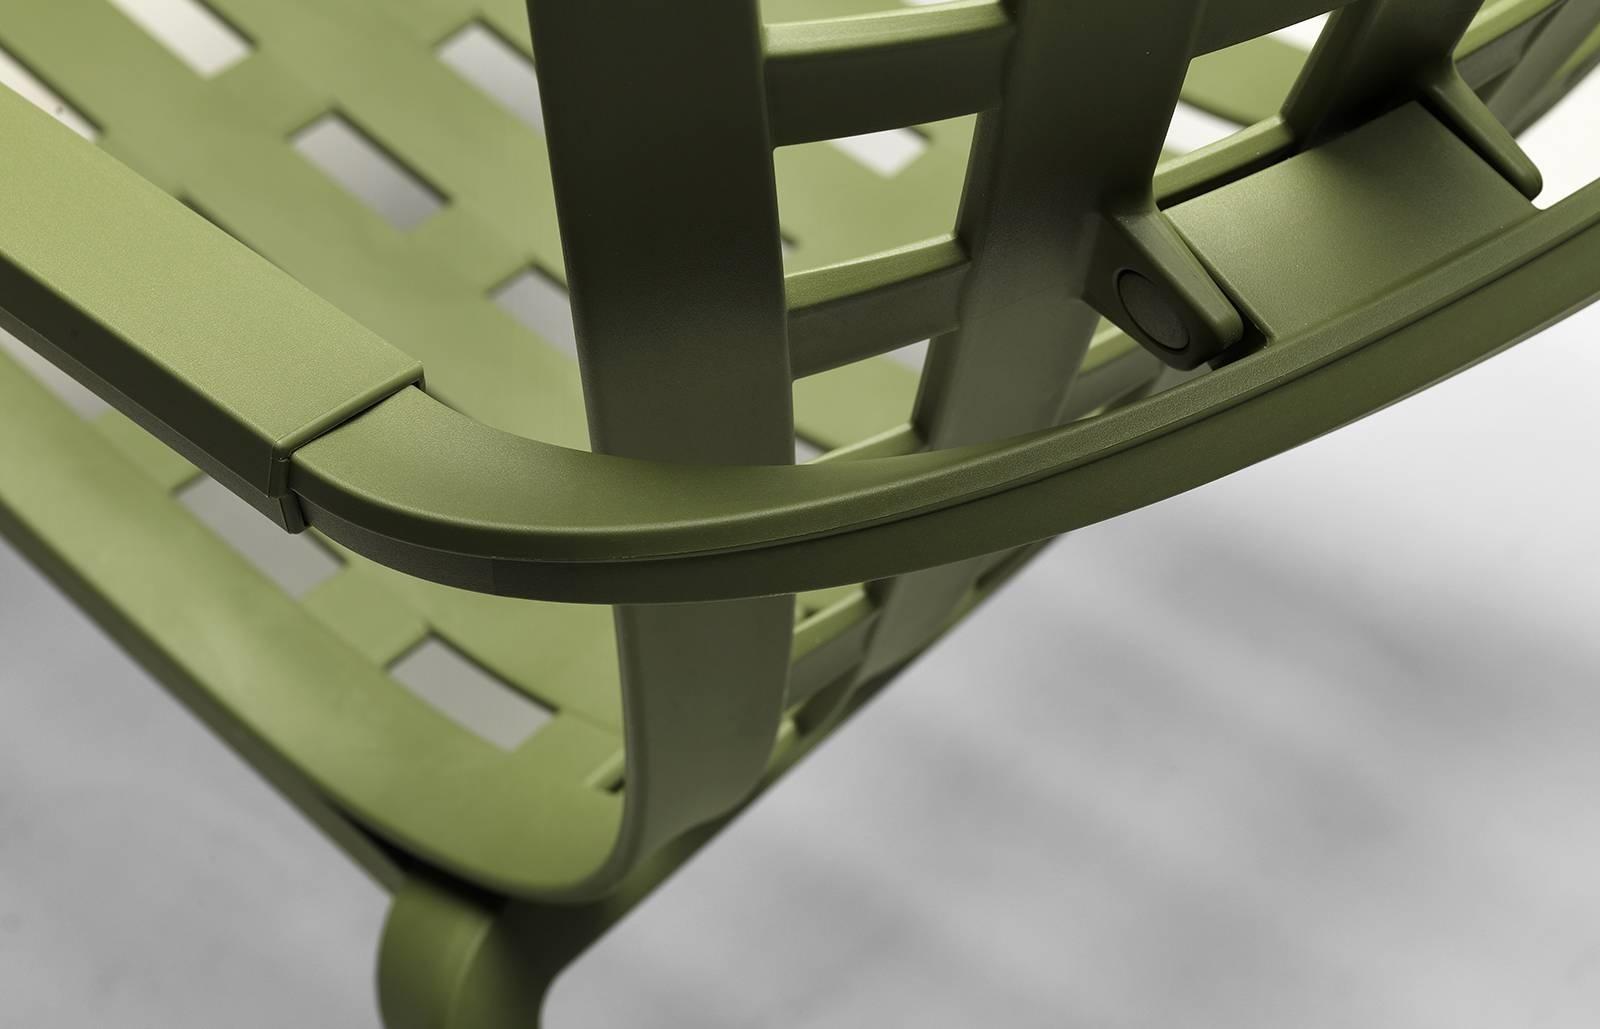 Fotel bujany z podłokietnikami Folio brą zowy - zdjęcie nr 7